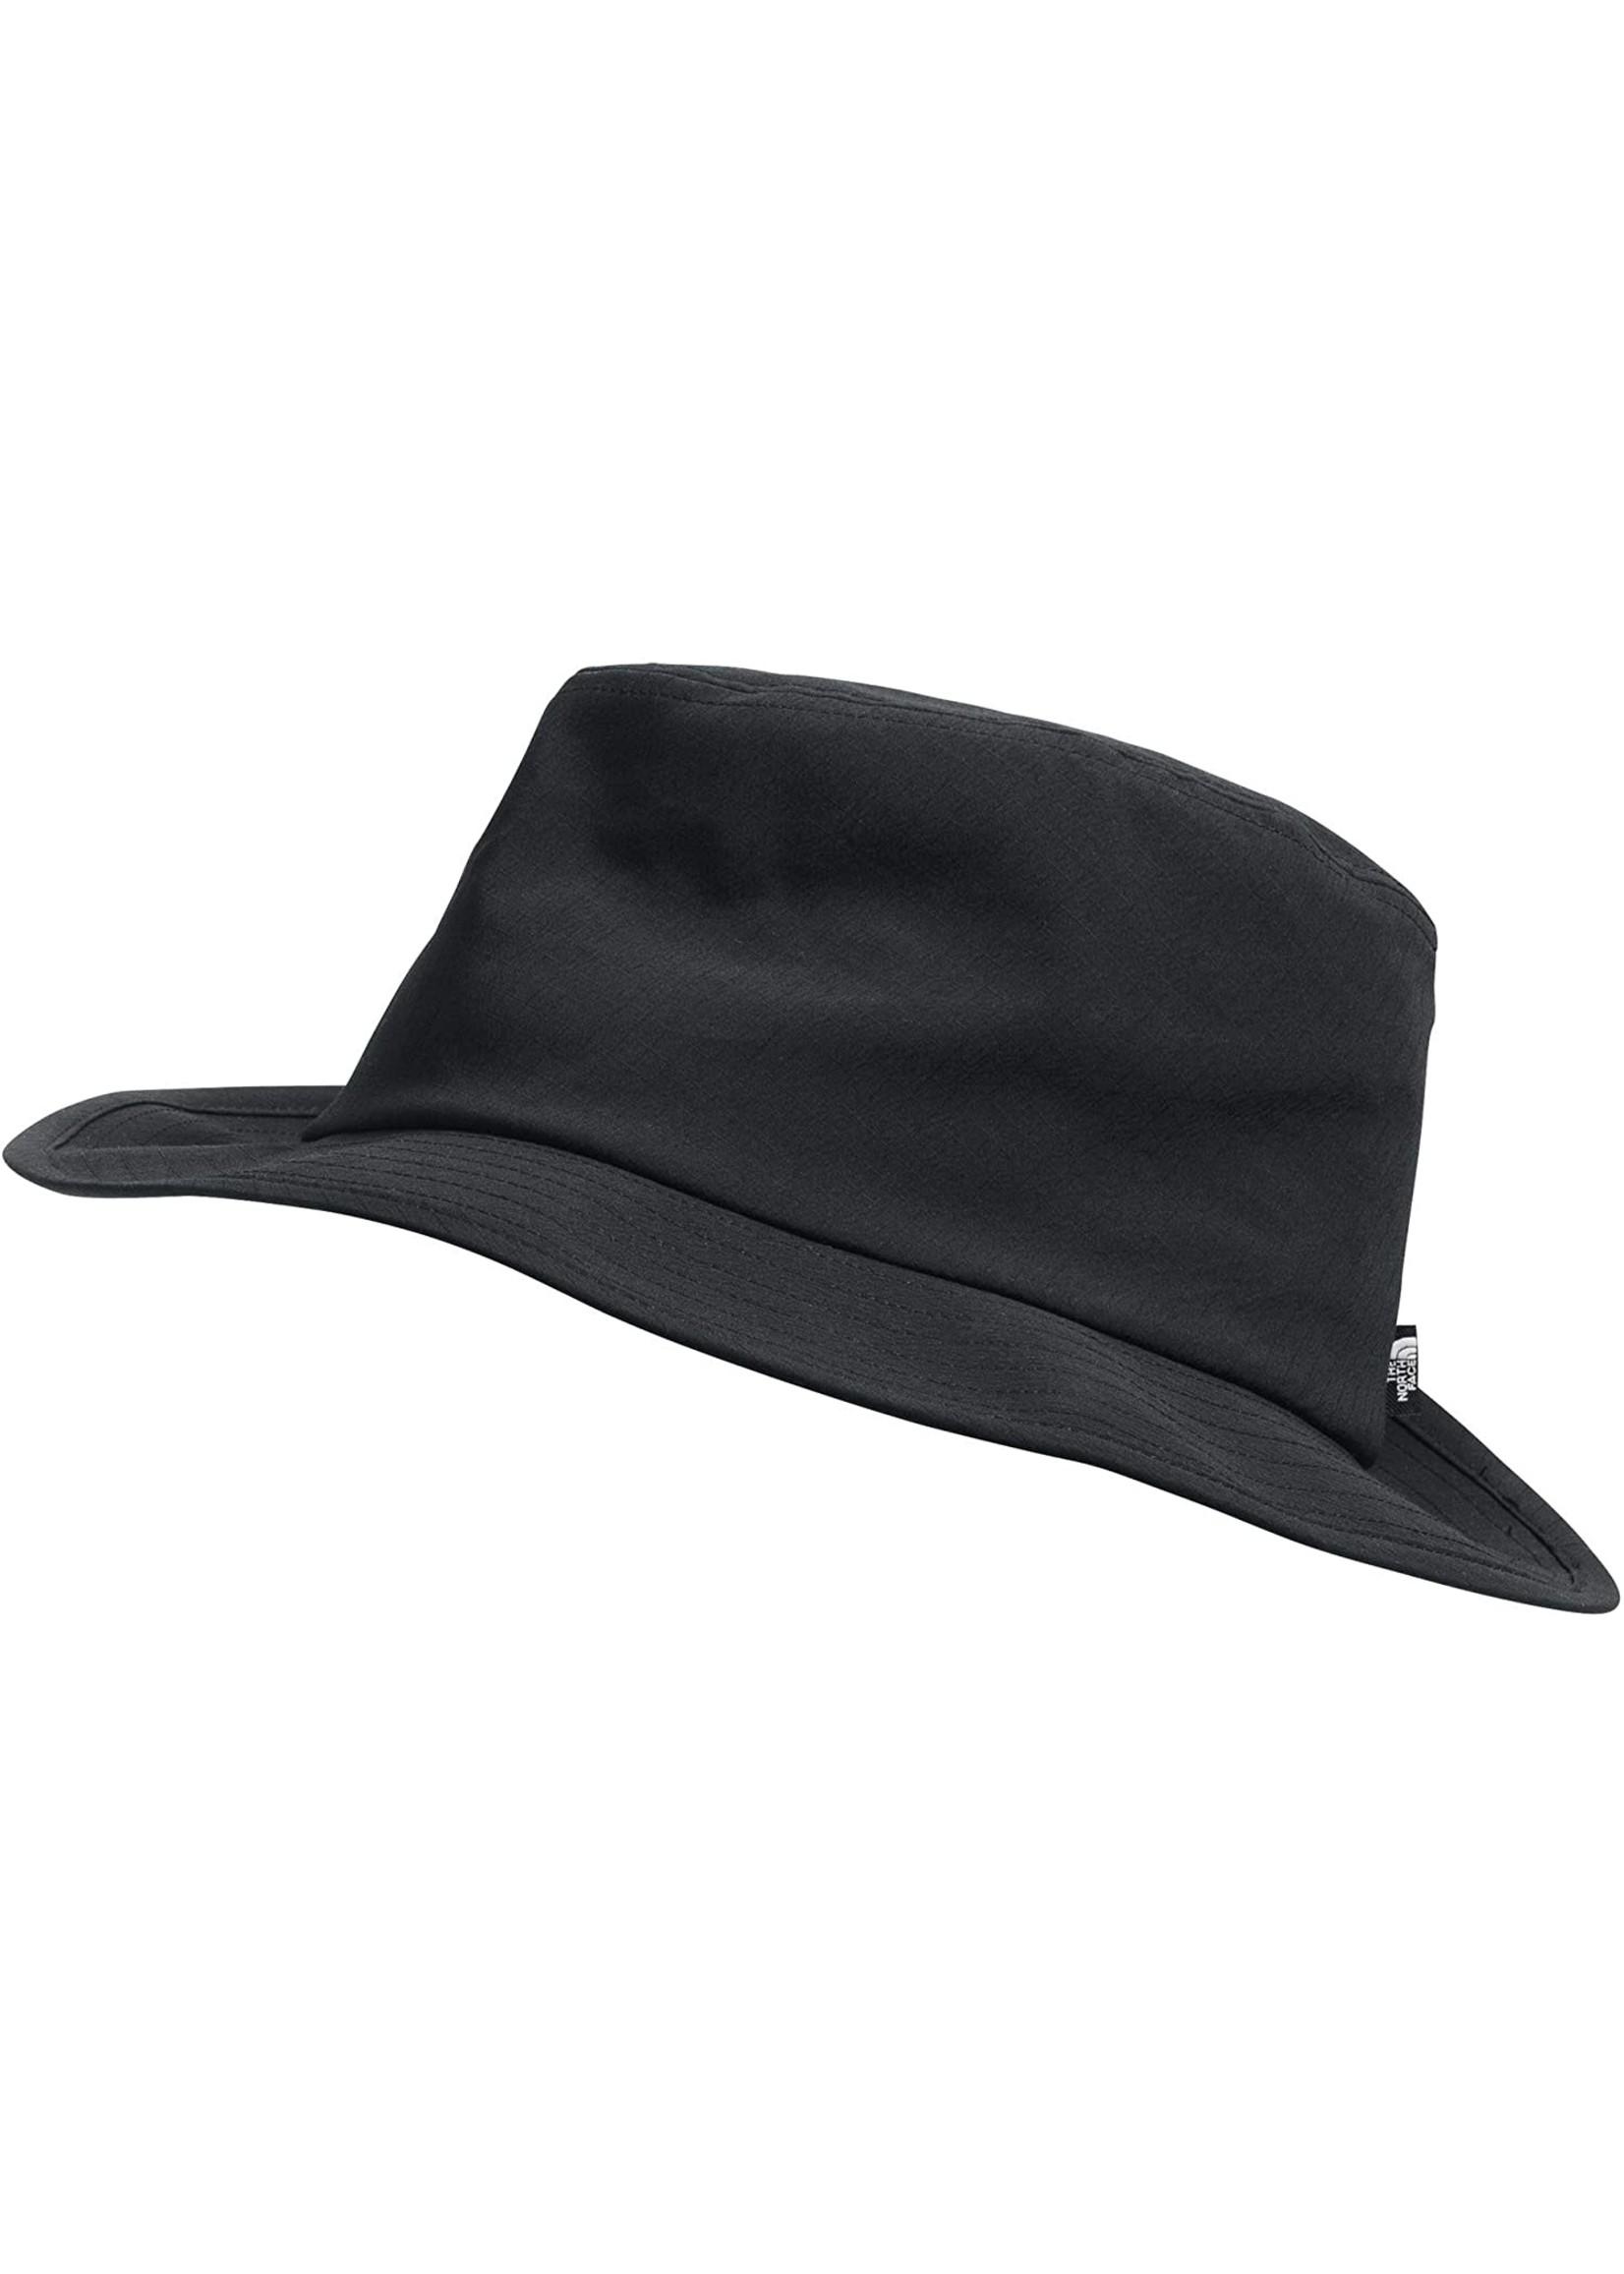 THE NORTH FACE Chapeau compressible / Large-XLarge / Noir